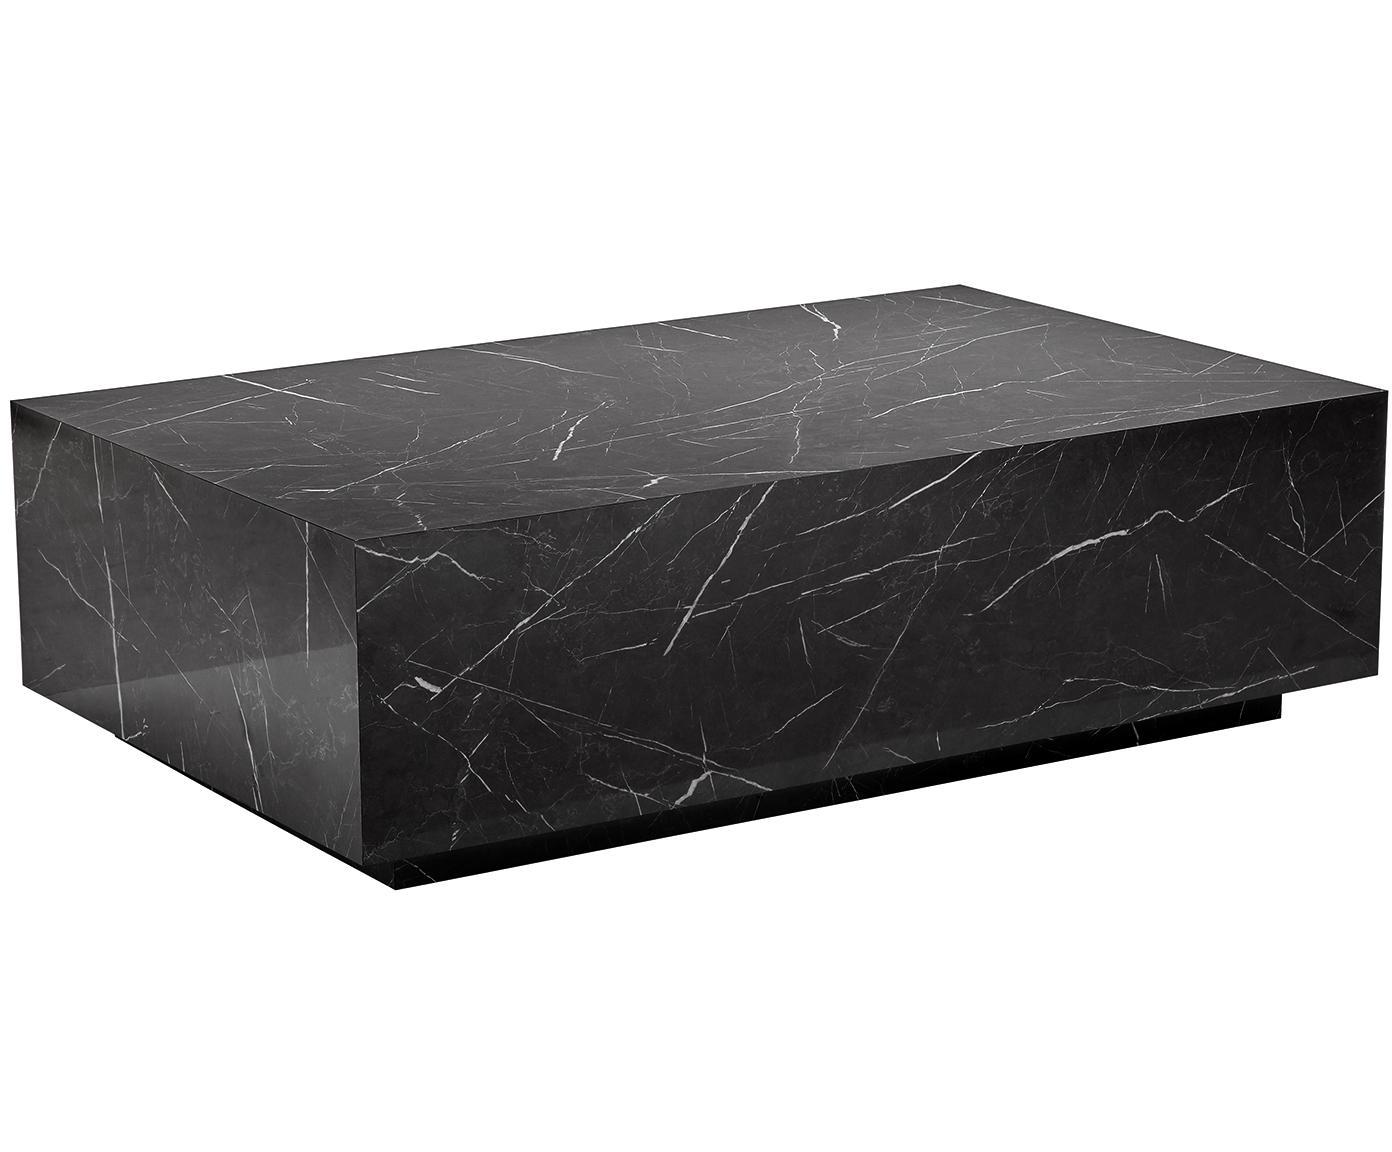 Schwebender Couchtisch Lesley in Marmor-Optik, Mitteldichte Holzfaserplatte (MDF), mit Melaminfolie überzogen, Schwarz, marmoriert, glänzend, 120 x 35 cm